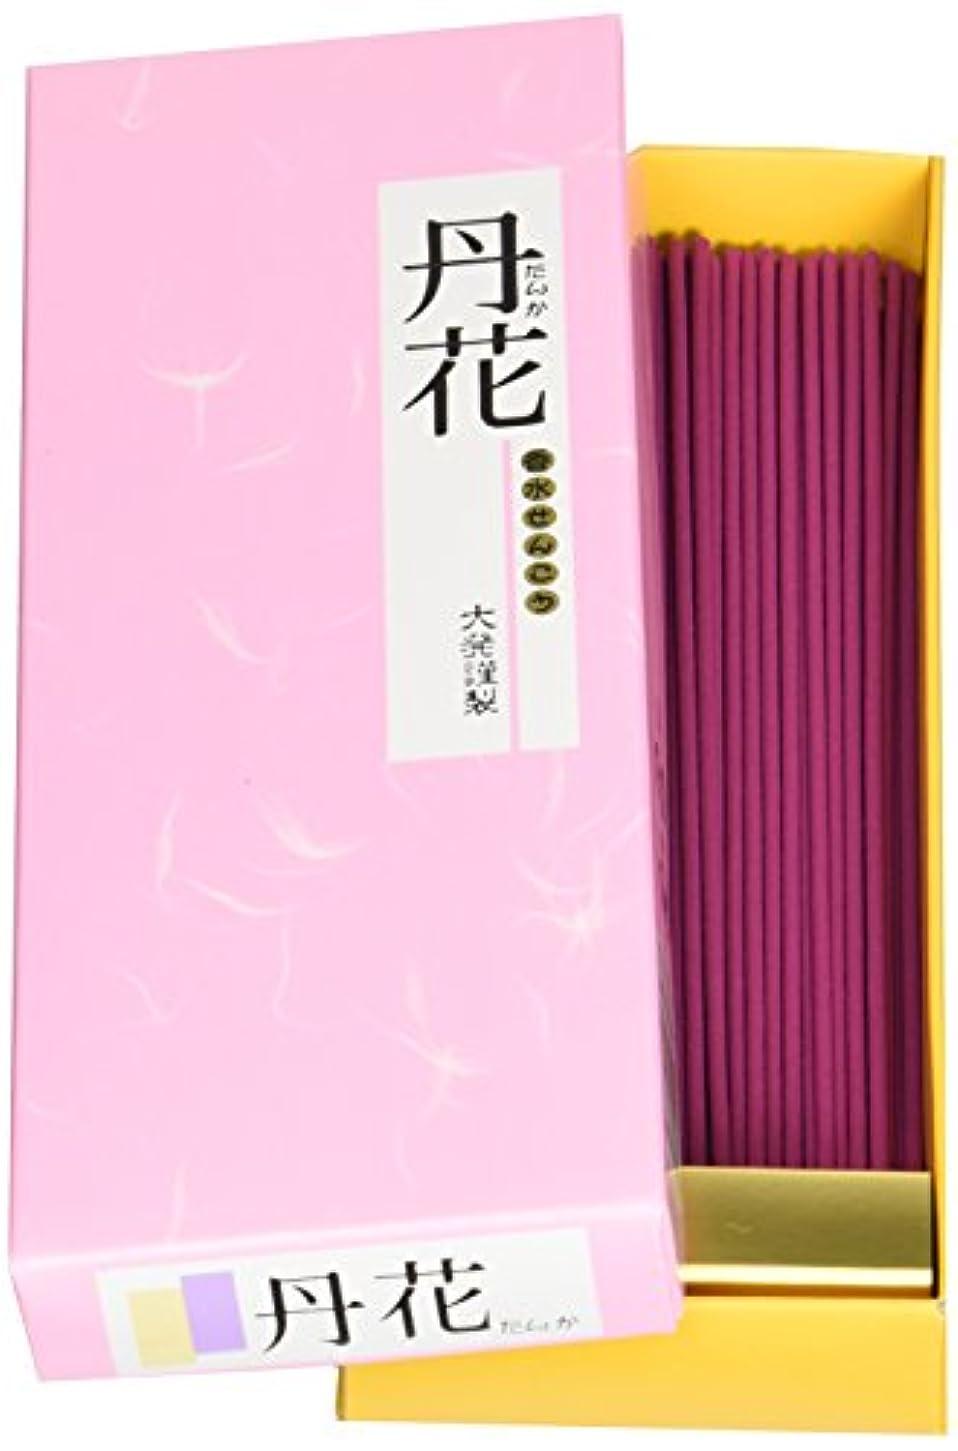 交流するシングルさわやか大発のお香 梅丹花(ピンク箱) TP-1